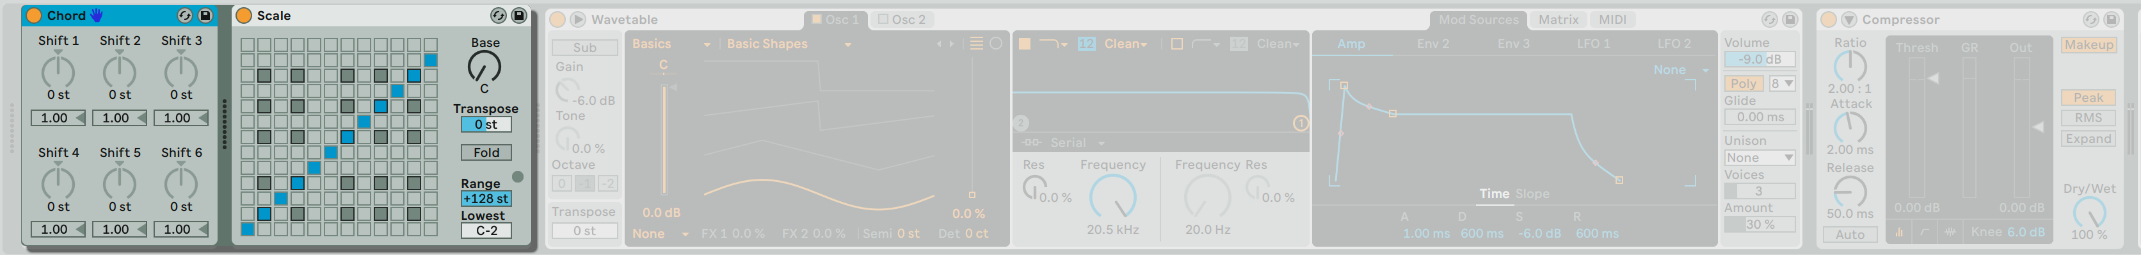 在 Ableton Live 中所有的 MIDI Device 需放在 Device View 的最左方,這是因為 MIDI Device 必須放在 Instrument Device 的前面。